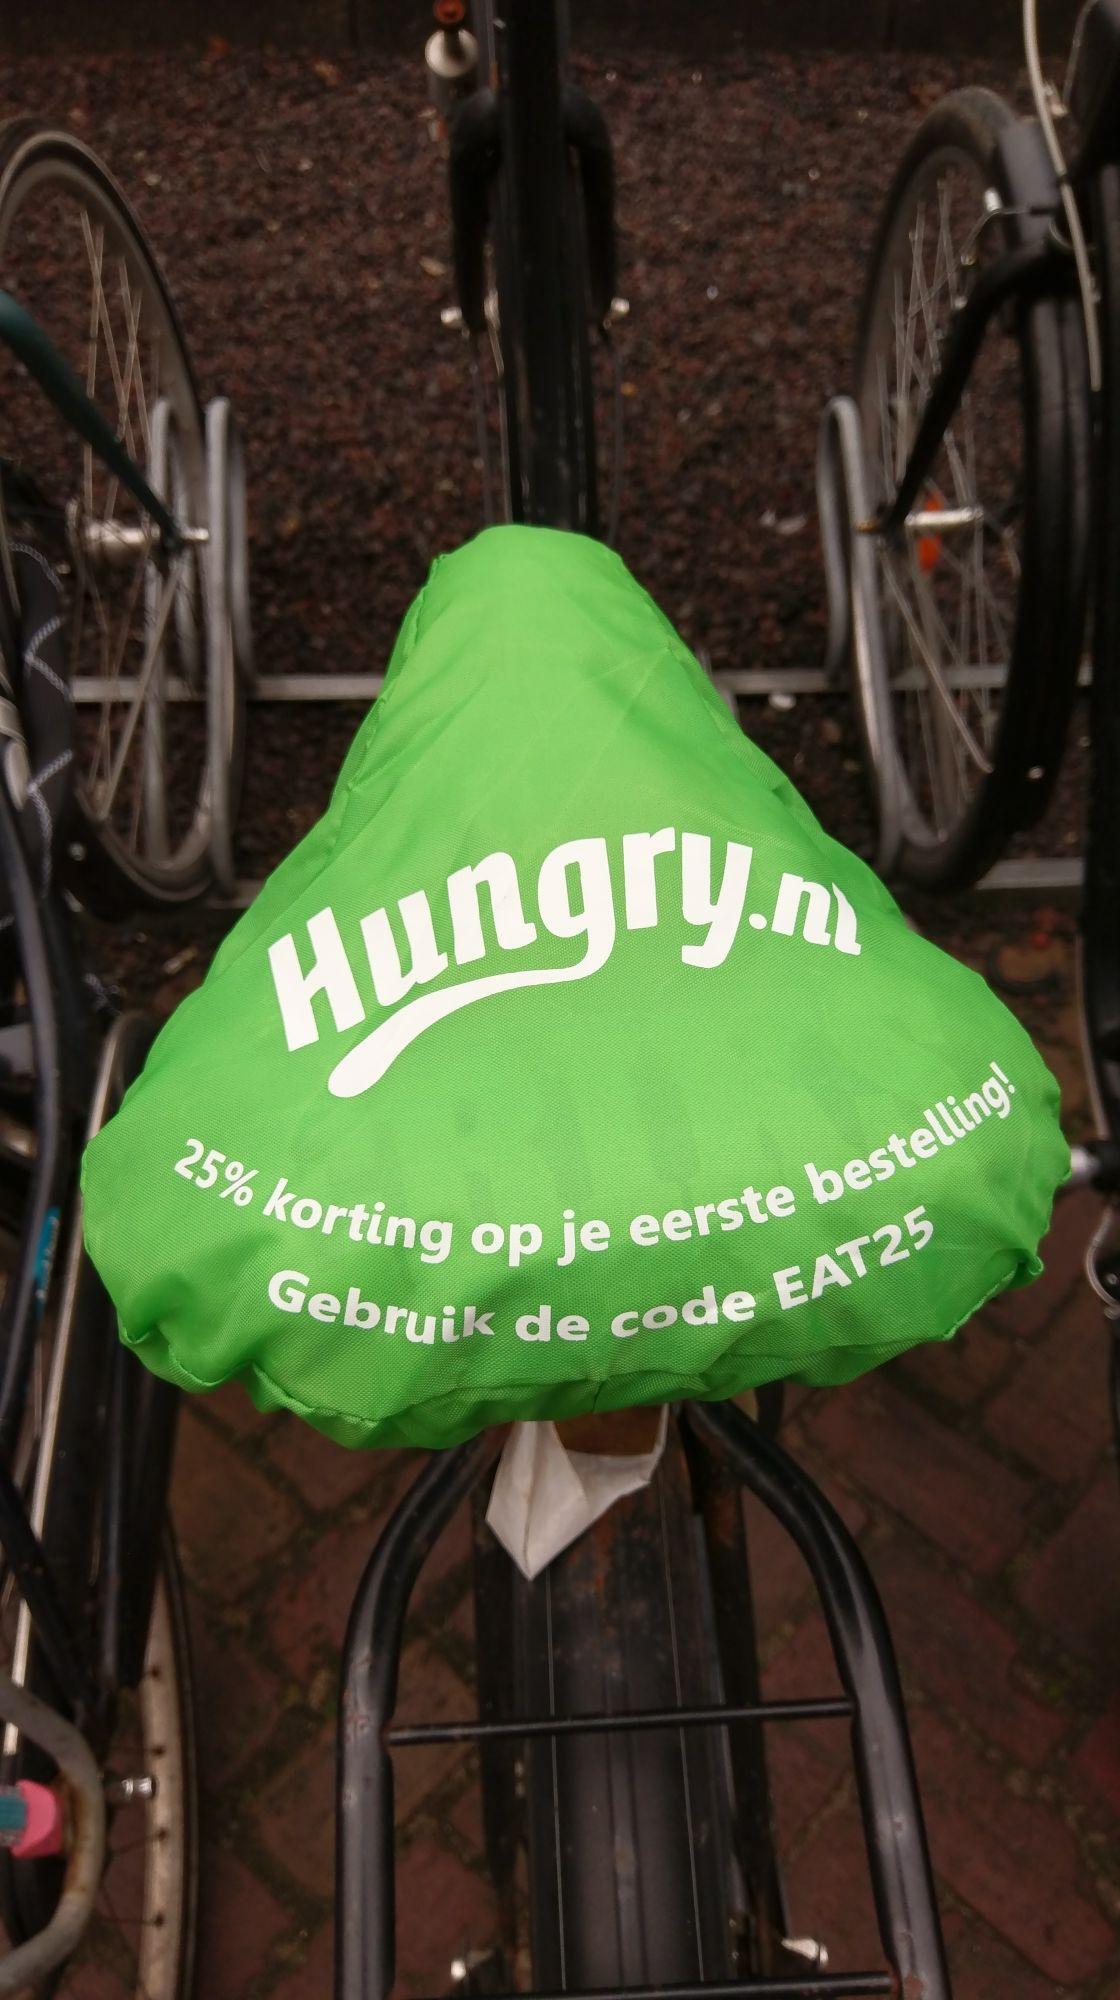 Hungry.nl kortingscode 25% op eerste bestelling